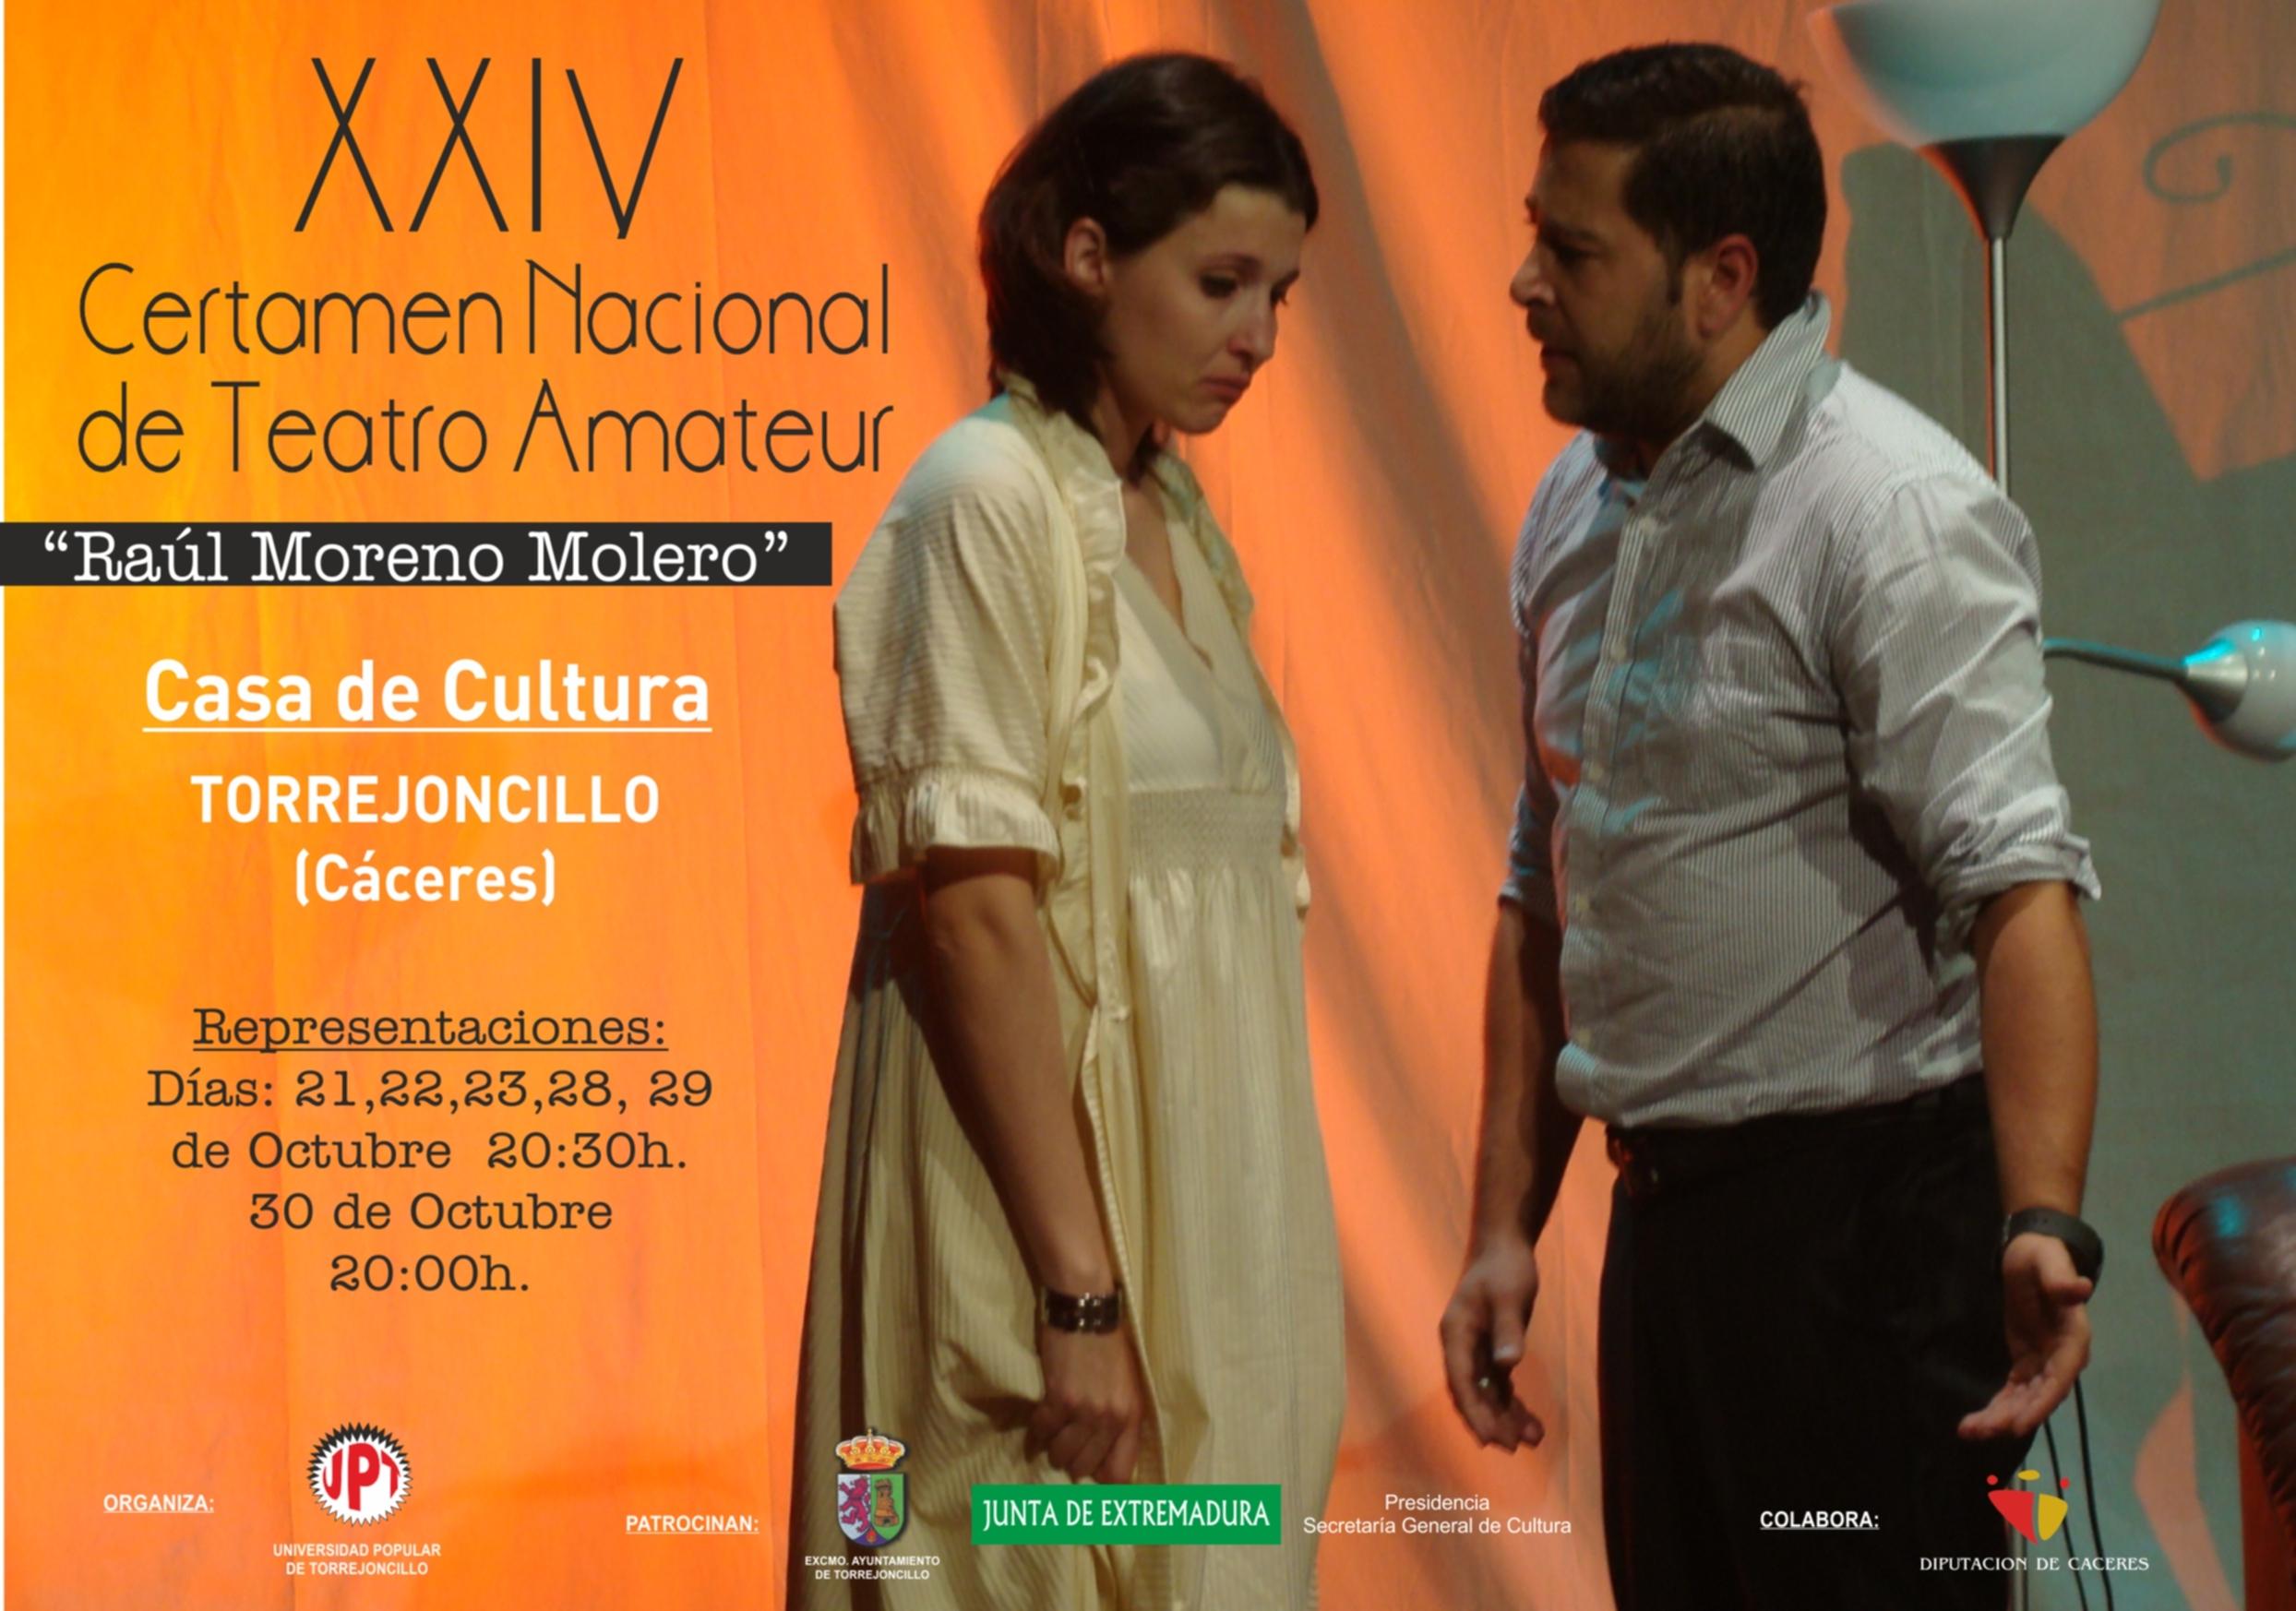 XXIV Certamen Nacional de Teatro «Raúl Moreno Molero»